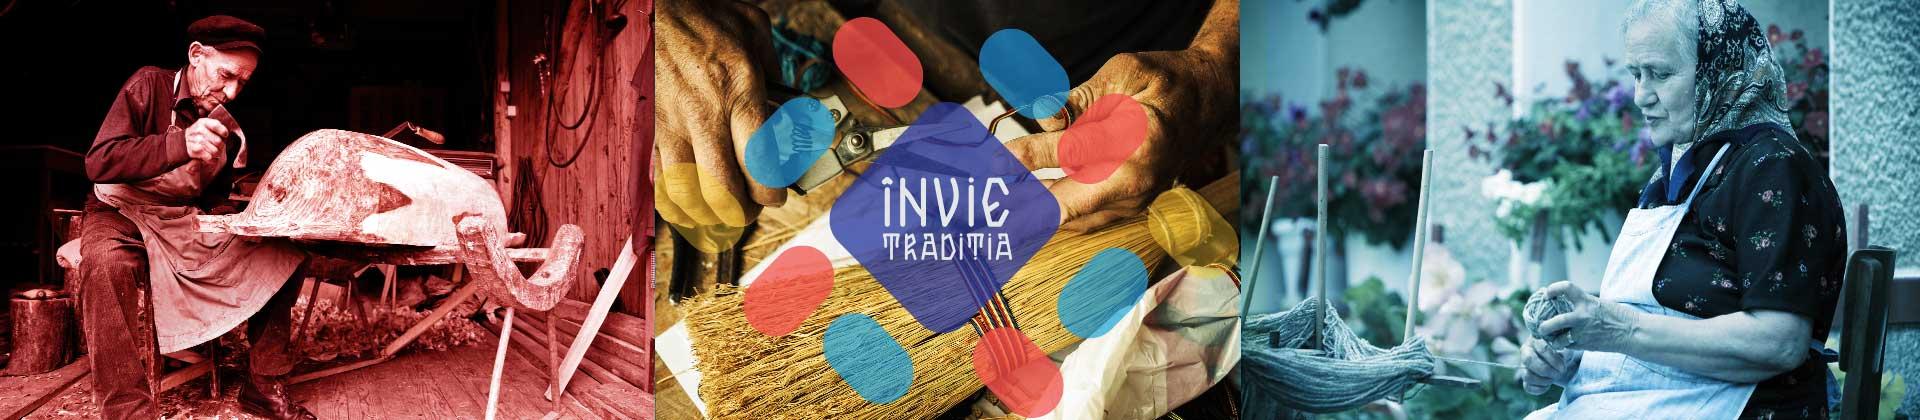 Te luăm în incursiunea noastră în lumea satului românesc și împreună înviem tradiția care s-a născut în România